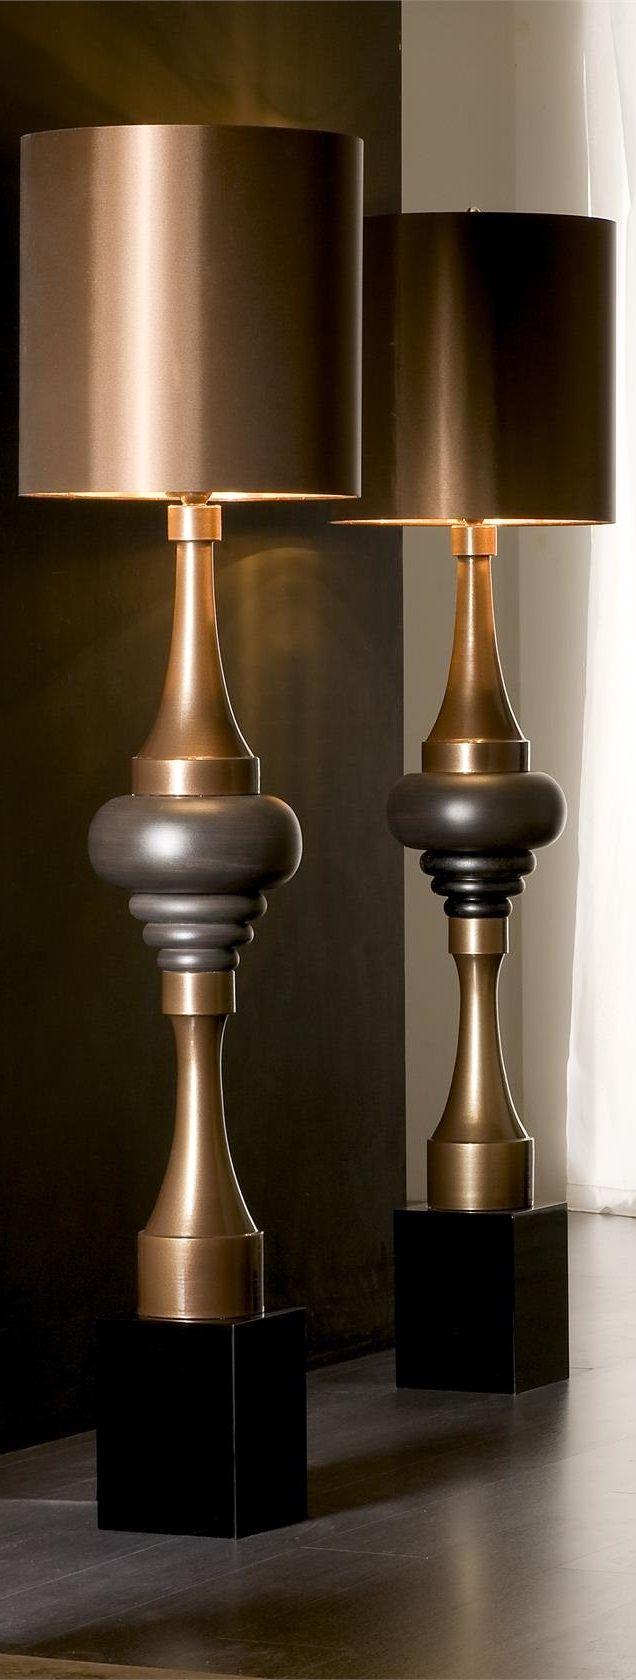 Luxury Floor L&s | Luxury Floor L& | Designer Floor L&s | Designer Floor L& | High Quality Floor L&s | High Quality Floor L& | High End Floor ... & 194 best Floor lamp images on Pinterest | Floor lamps Lighting ... azcodes.com